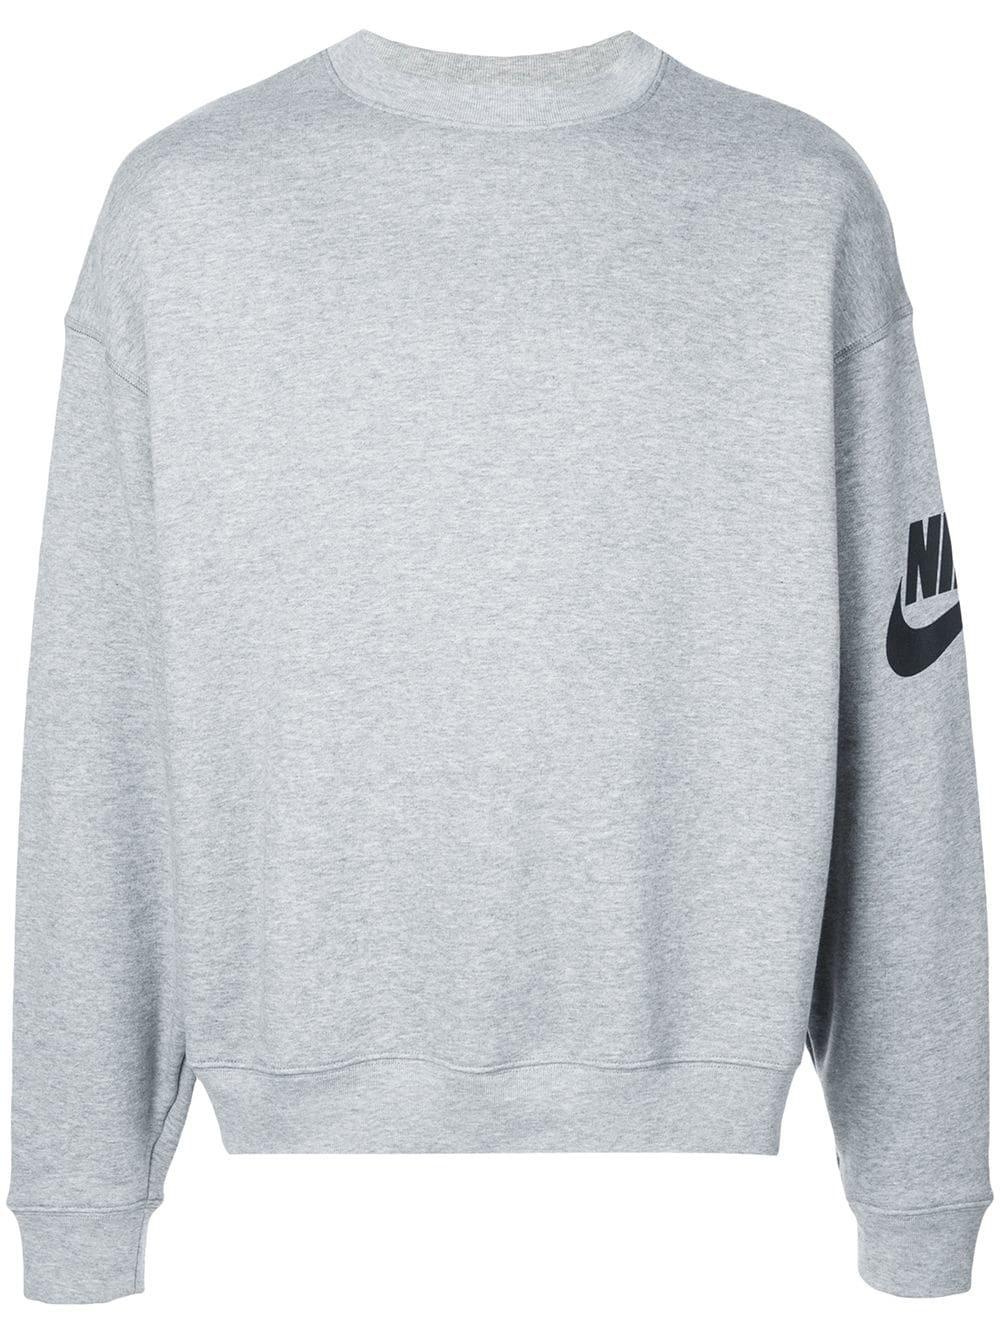 aed59ff18 Nike Crewneck Logo Sweatshirt - Grey | ModeSens